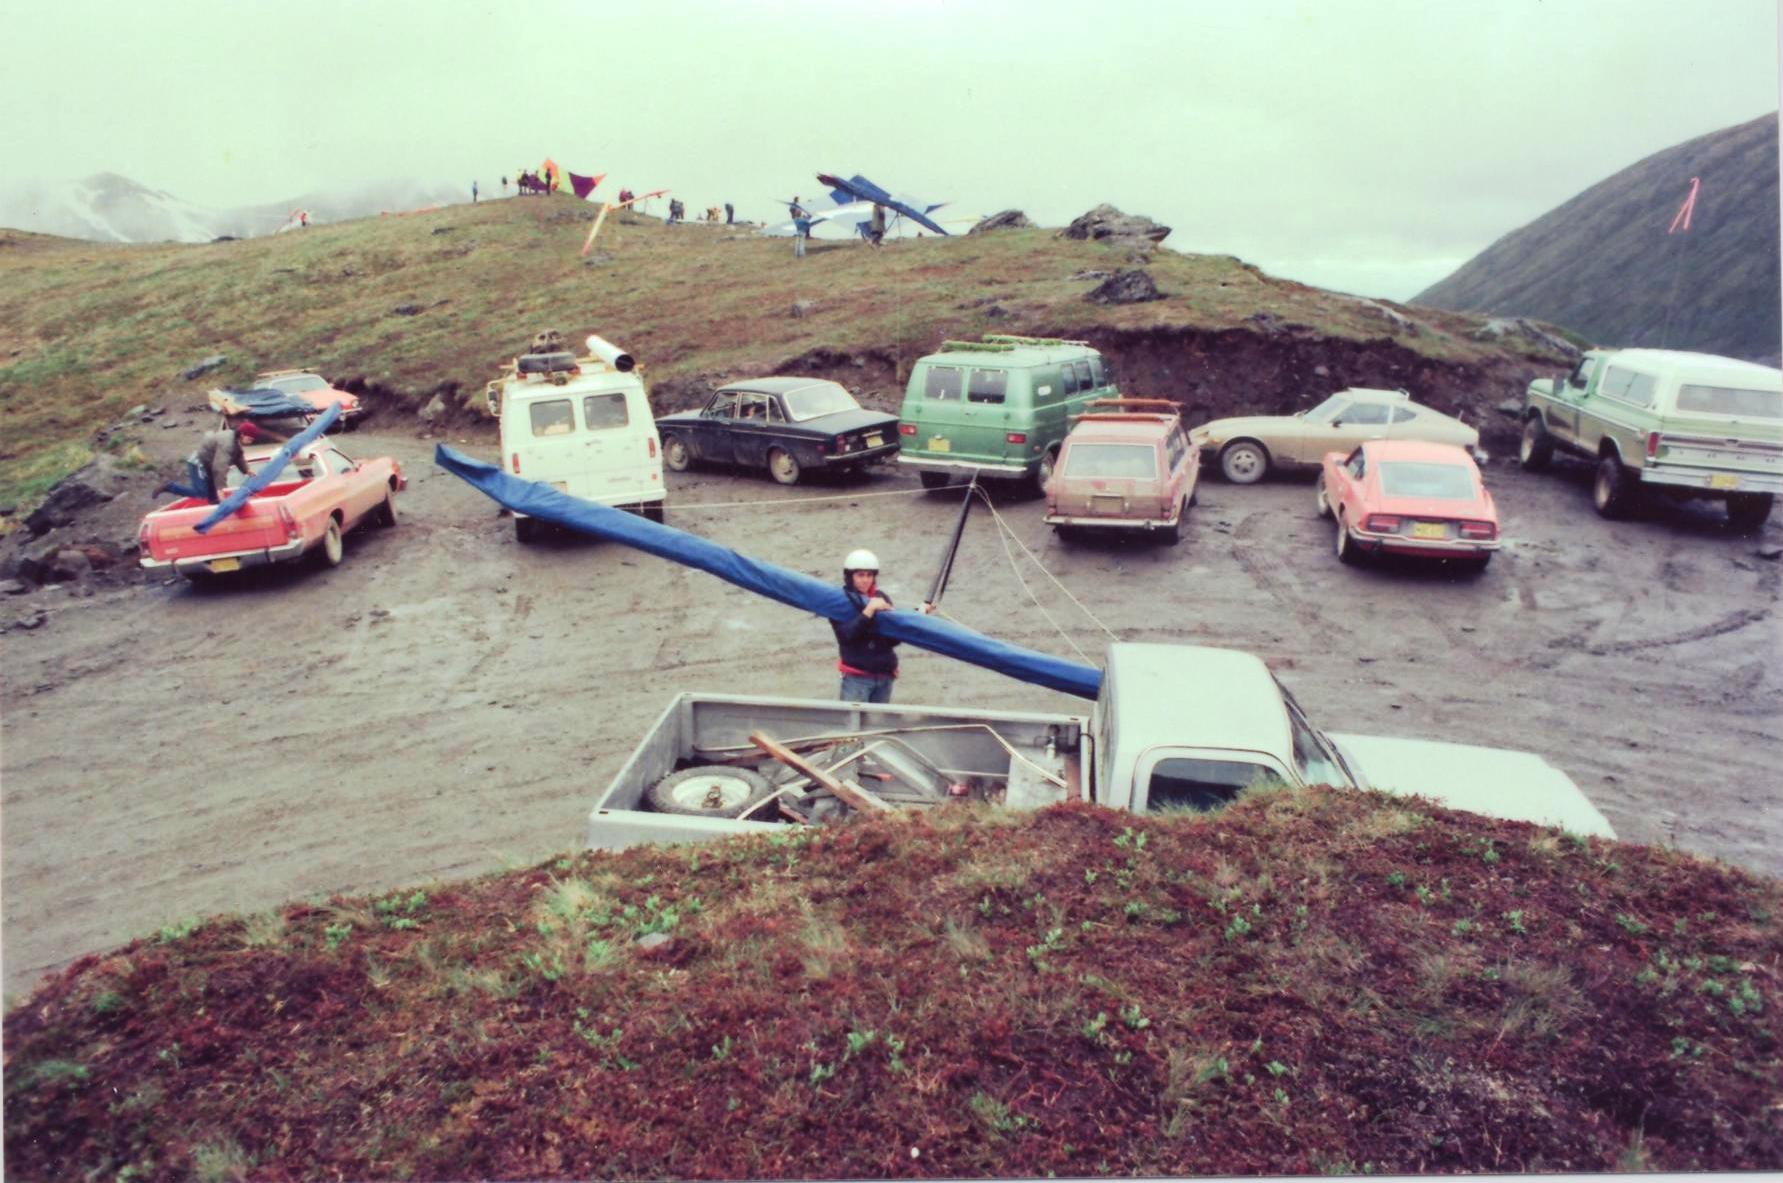 bill-sheka-hatchers-pass-july-3-1975-takeoff-unloading-pickup-truck